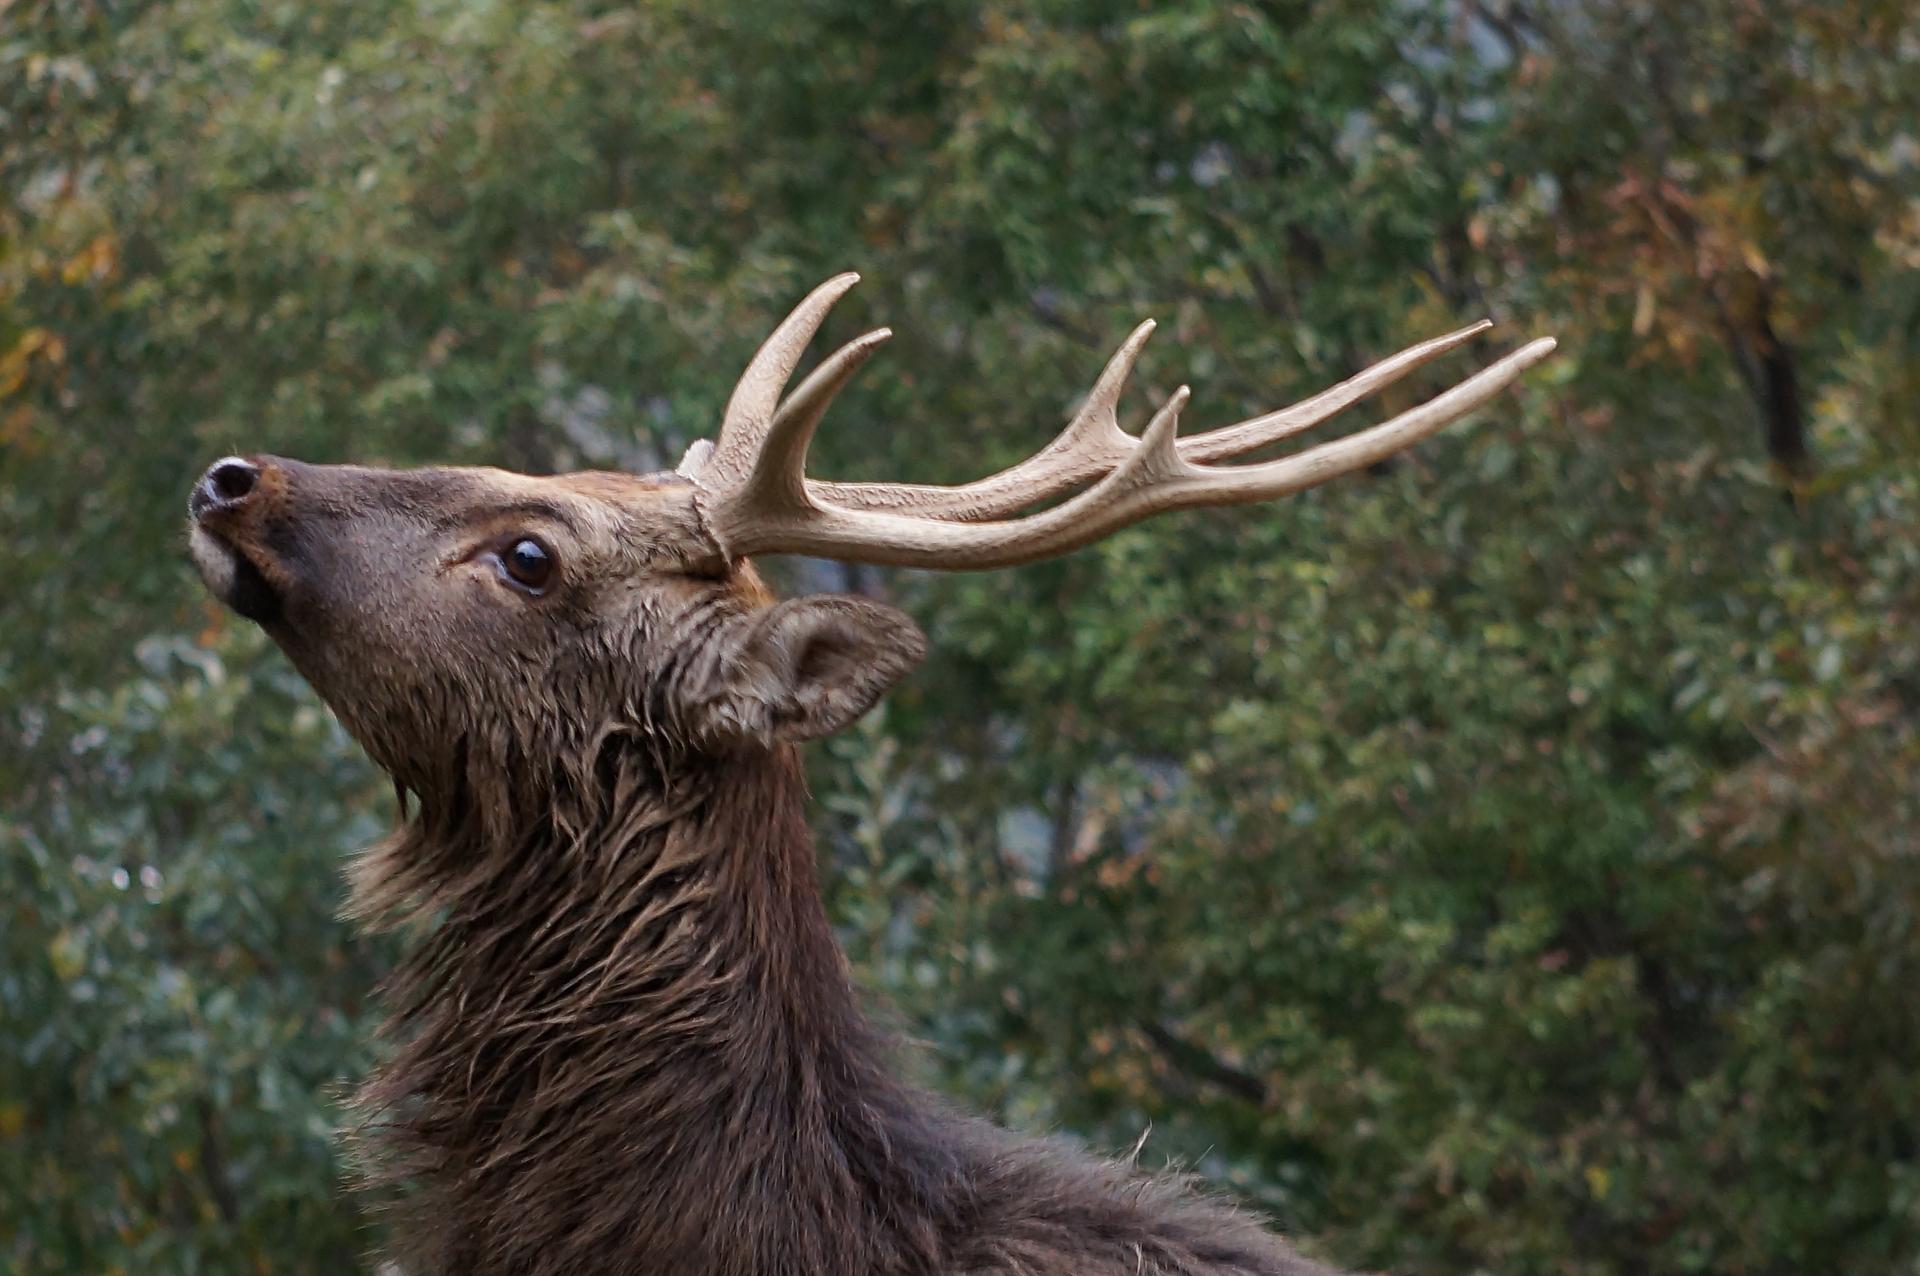 鹿教湯温泉の伝説とは